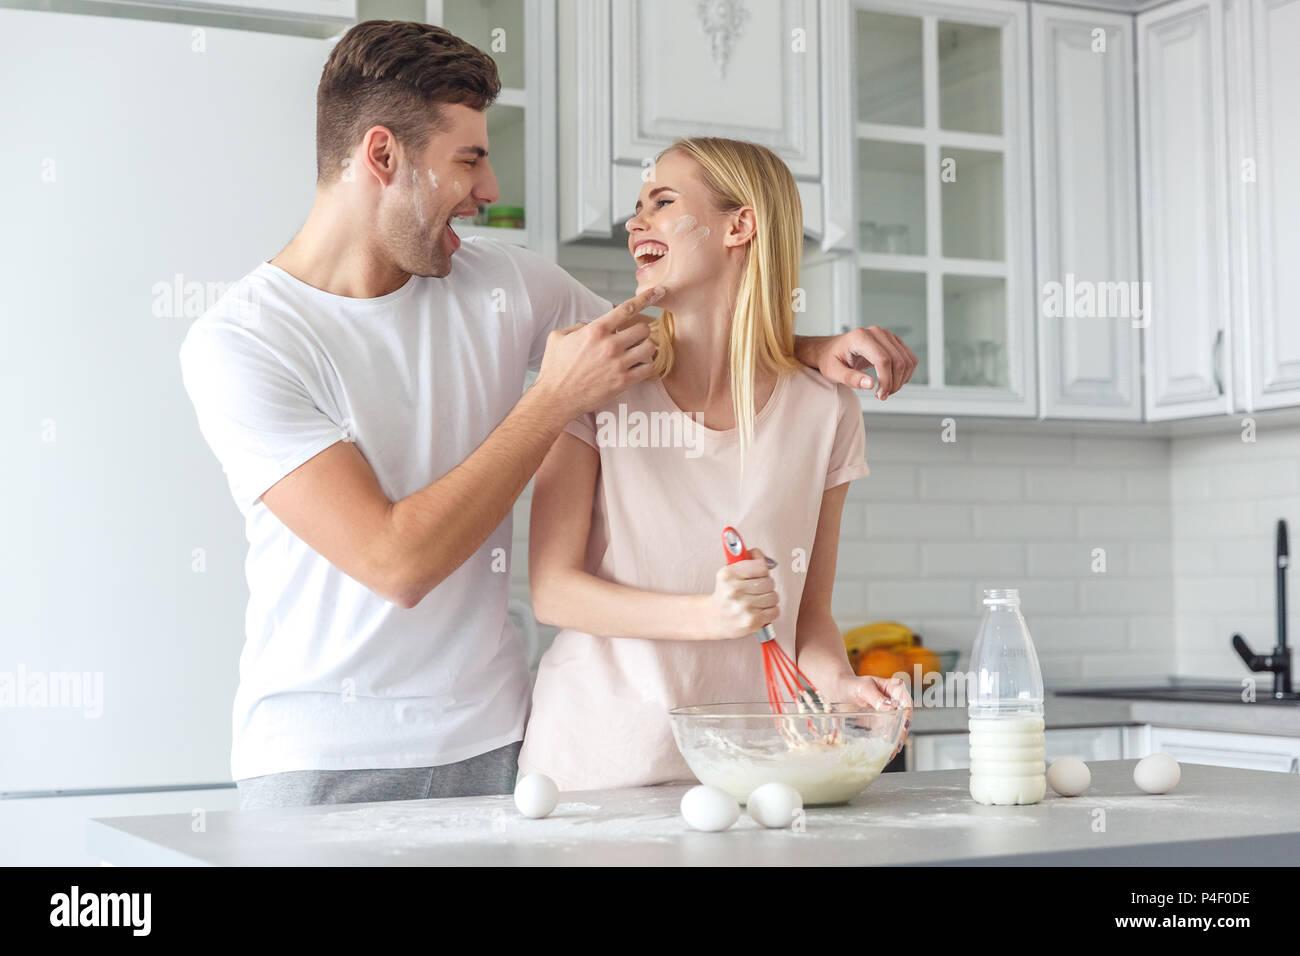 Amare giovane cooking per colazione insieme sulla cucina su weekend mattina Immagini Stock